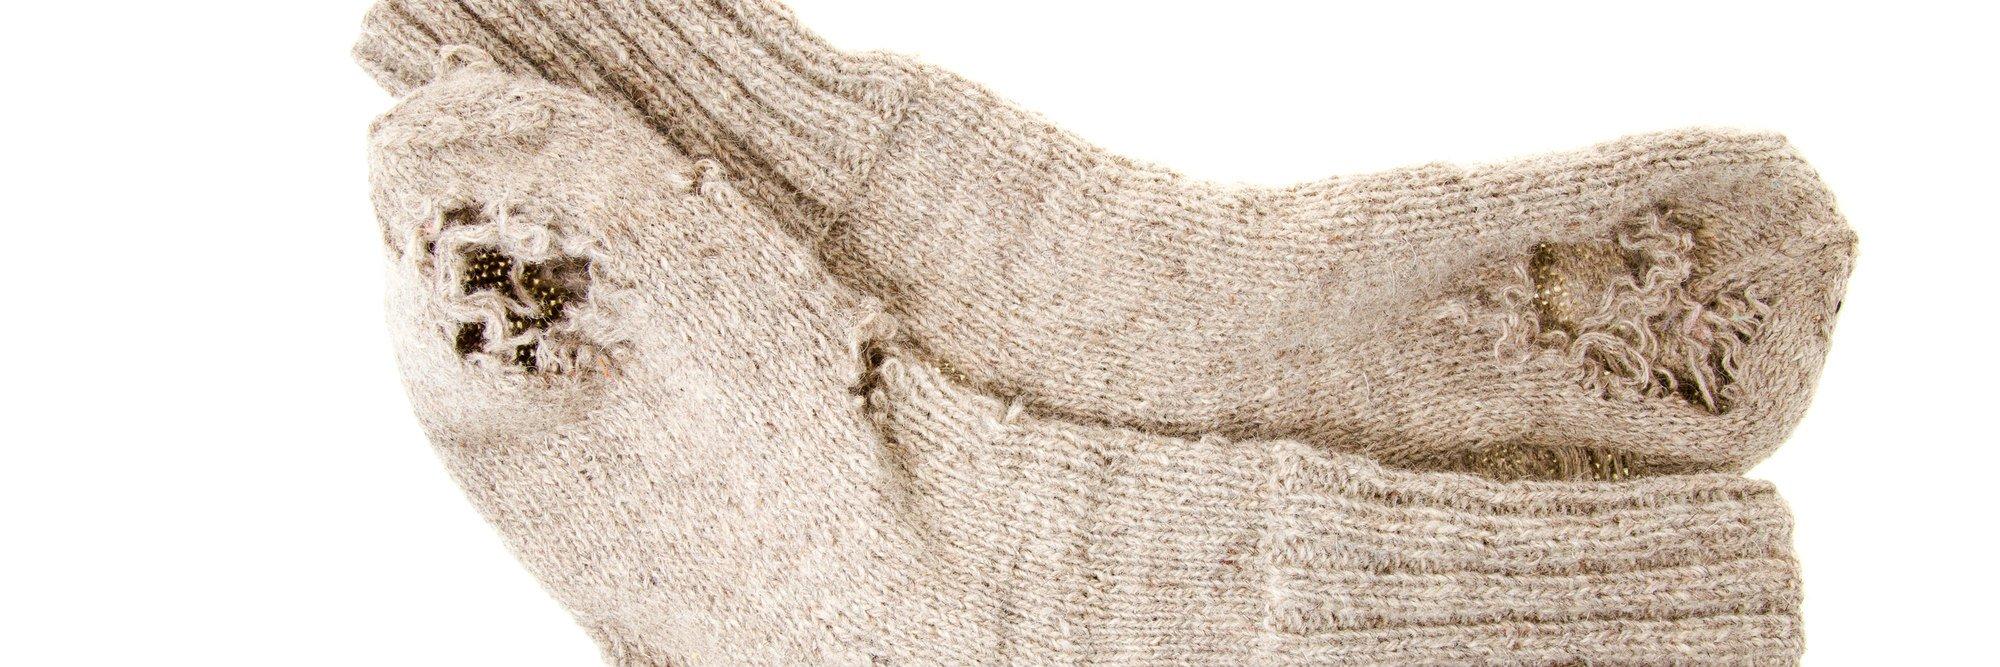 moth eaten woolen socks